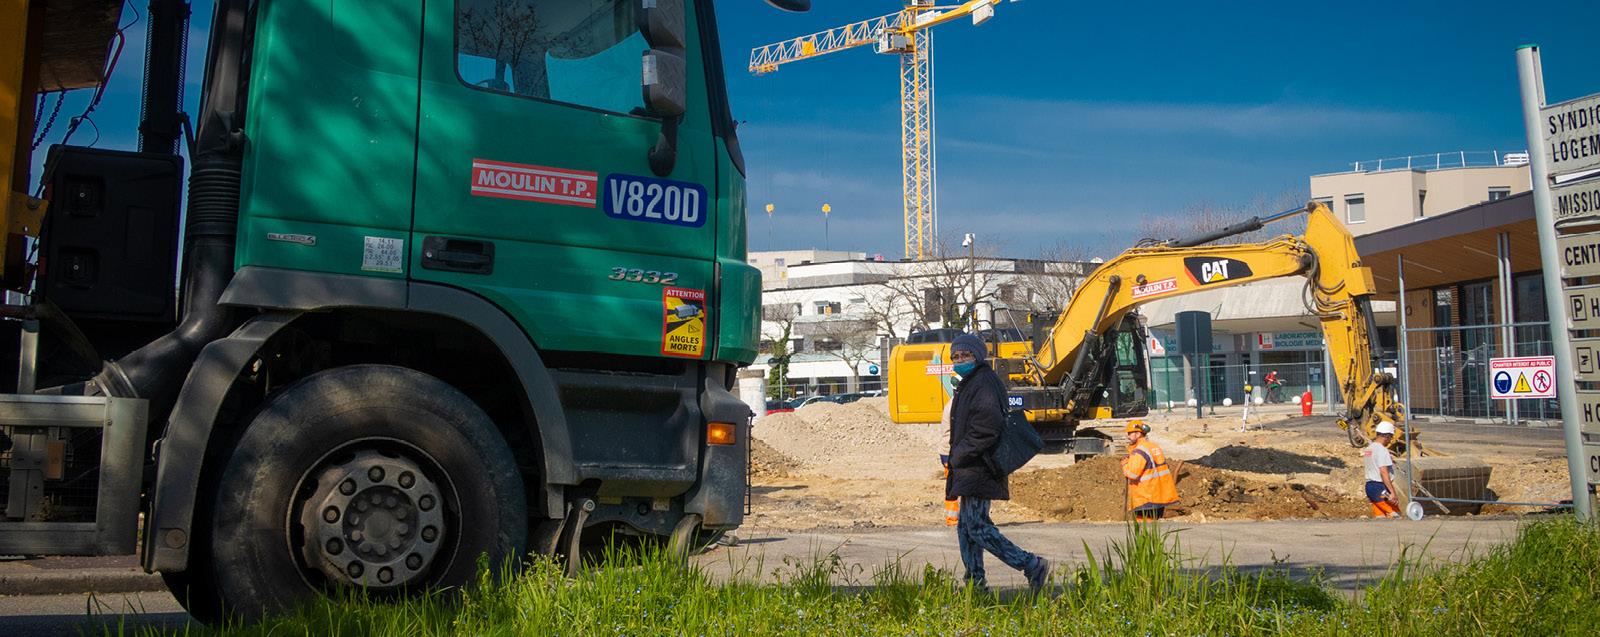 """Aménagement de la place du centre-ville, dans le cadre du projet de rénovation urbaine """"Cœur de ville"""" - © Mairie de Villefontaine"""